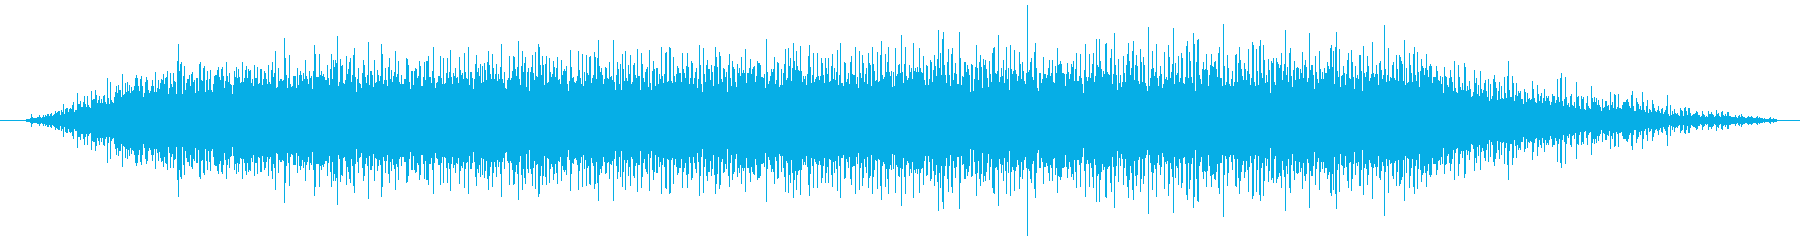 小型ミニ丸型ハンドソー:開始、実行...の再生済みの波形